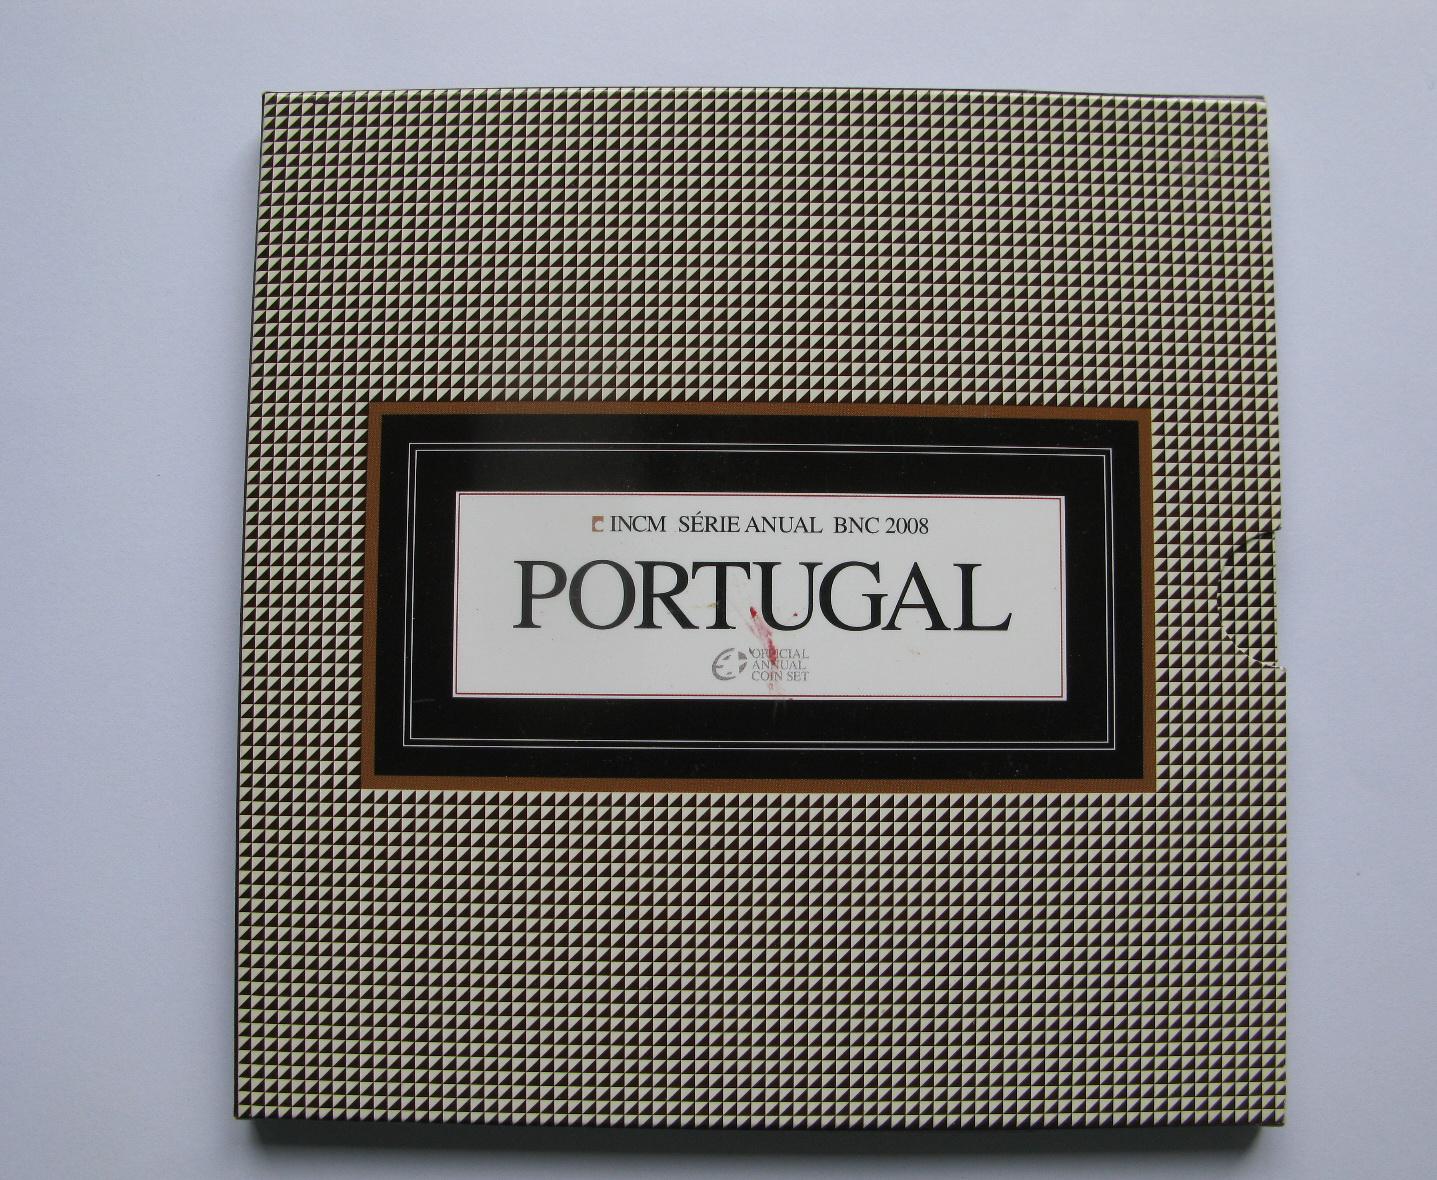 Португалия официальный набор 2008 г.